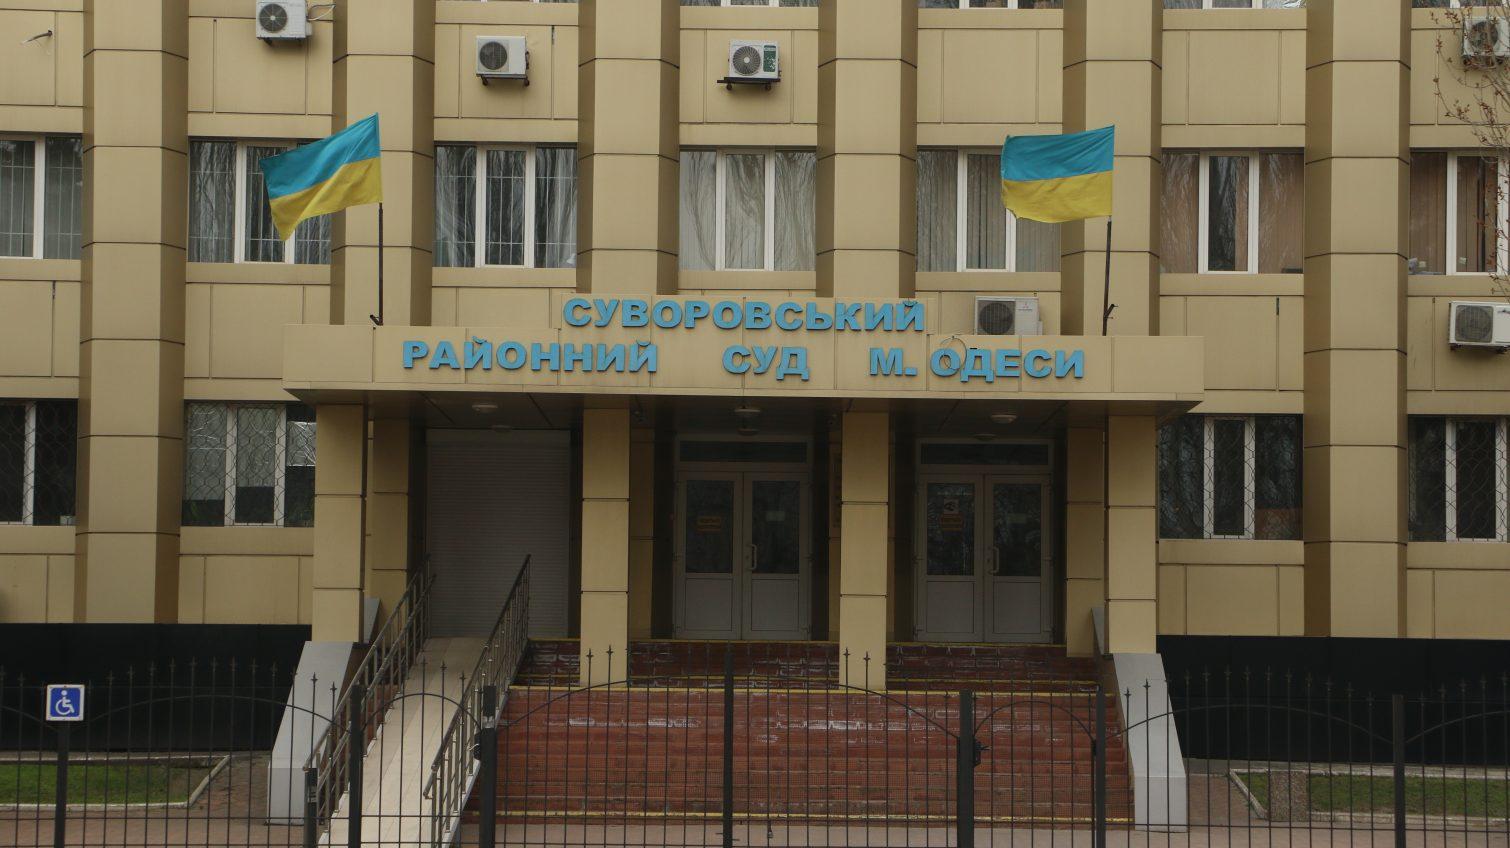 Судьи отпустили троих мужчин, которые ограбили одесситку на миллион гривен, угрожая оружием «фото»